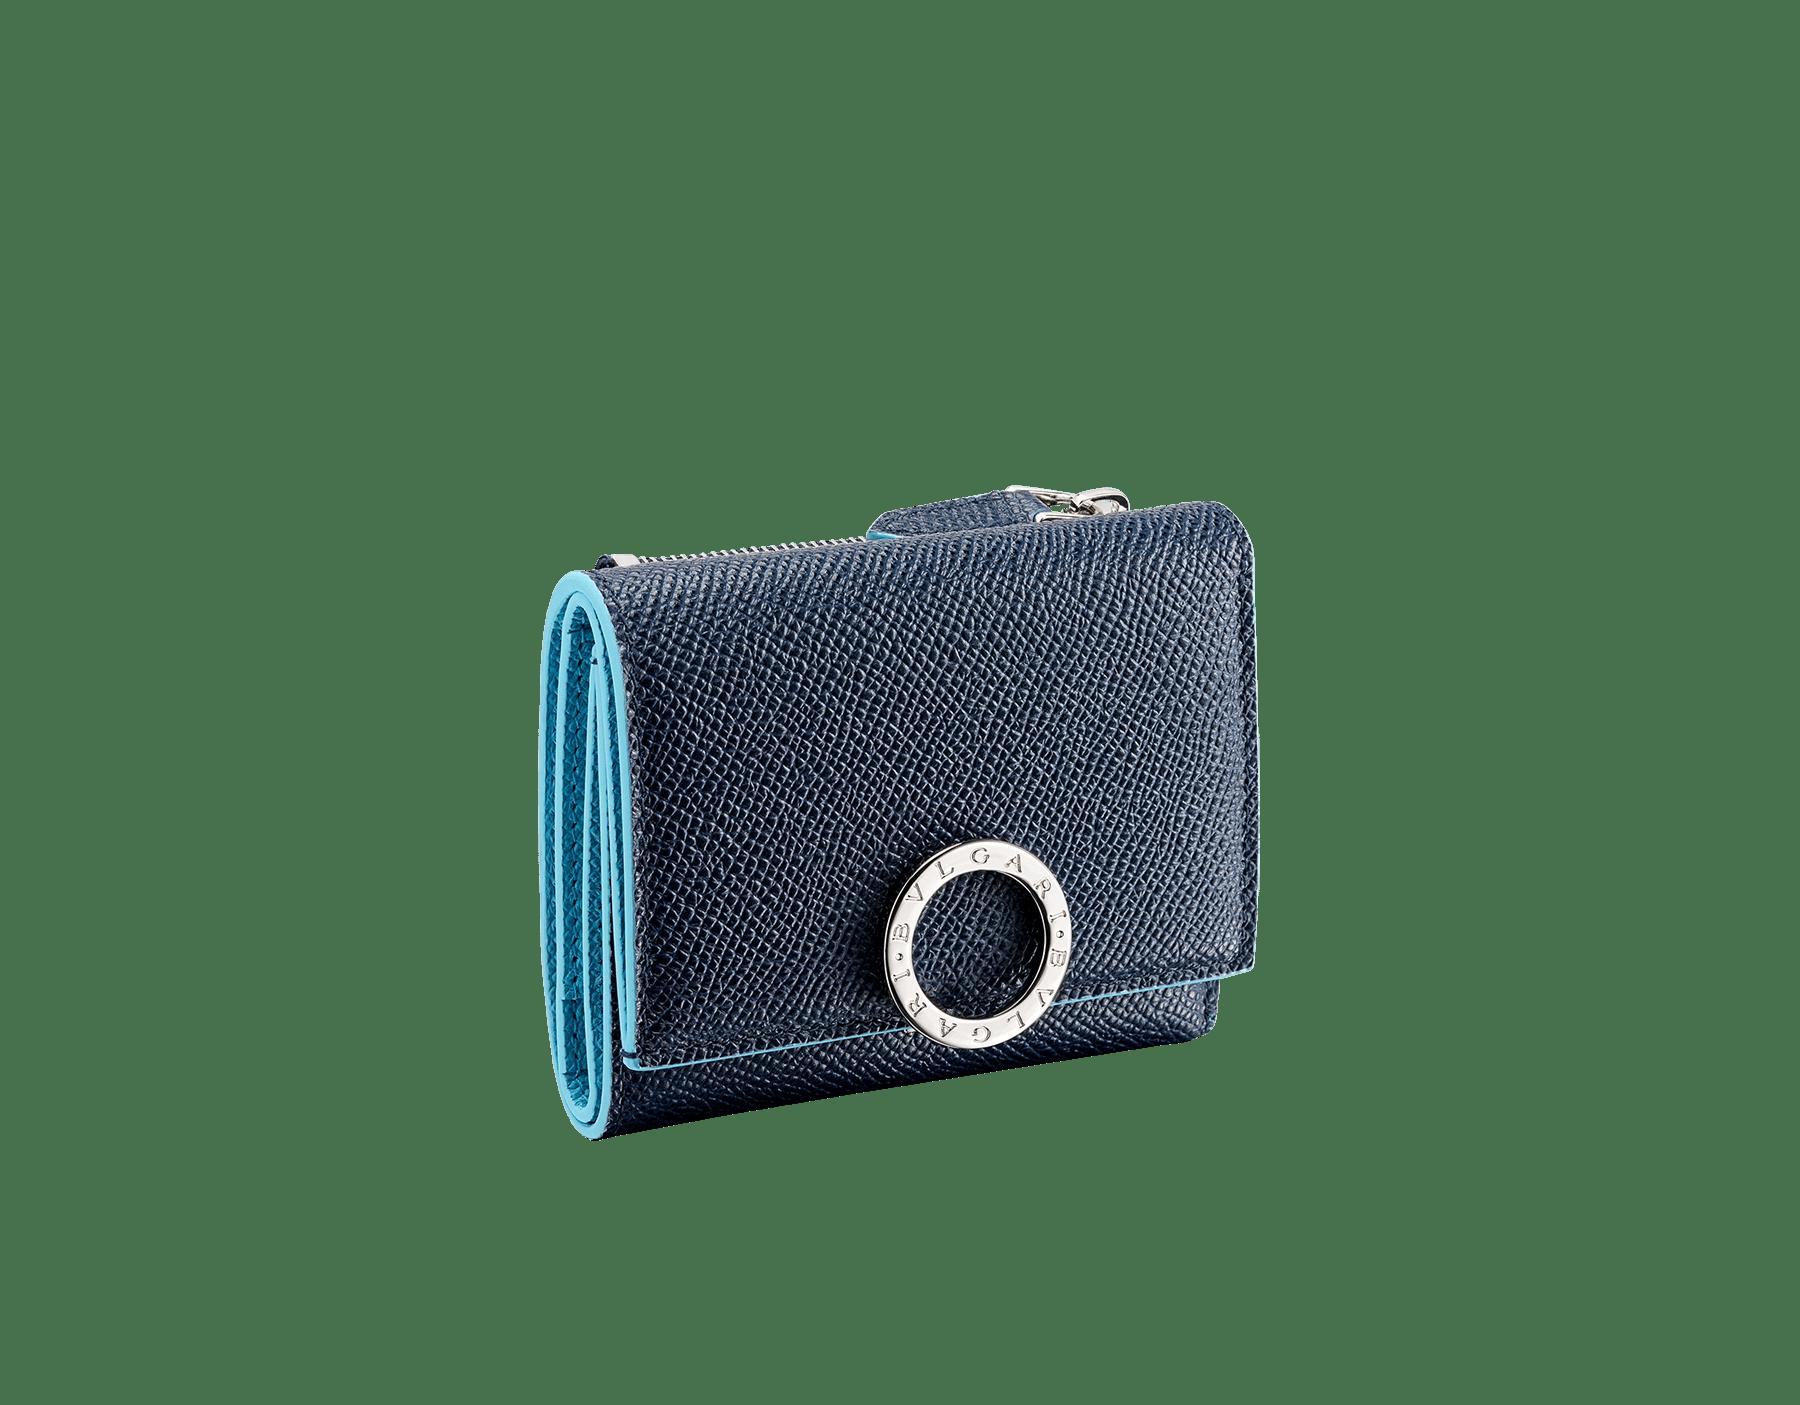 Schmales, kompaktes BVLGARI BVLGARI Portemonnaie aus genarbtem Kalbsleder in Denim Sapphire Blau und Aegean Topaz. Ikonische Verschlussklammer mit Logo aus palladiumbeschichtetem Messing. BCM-SLIMCOMPACTc image 1